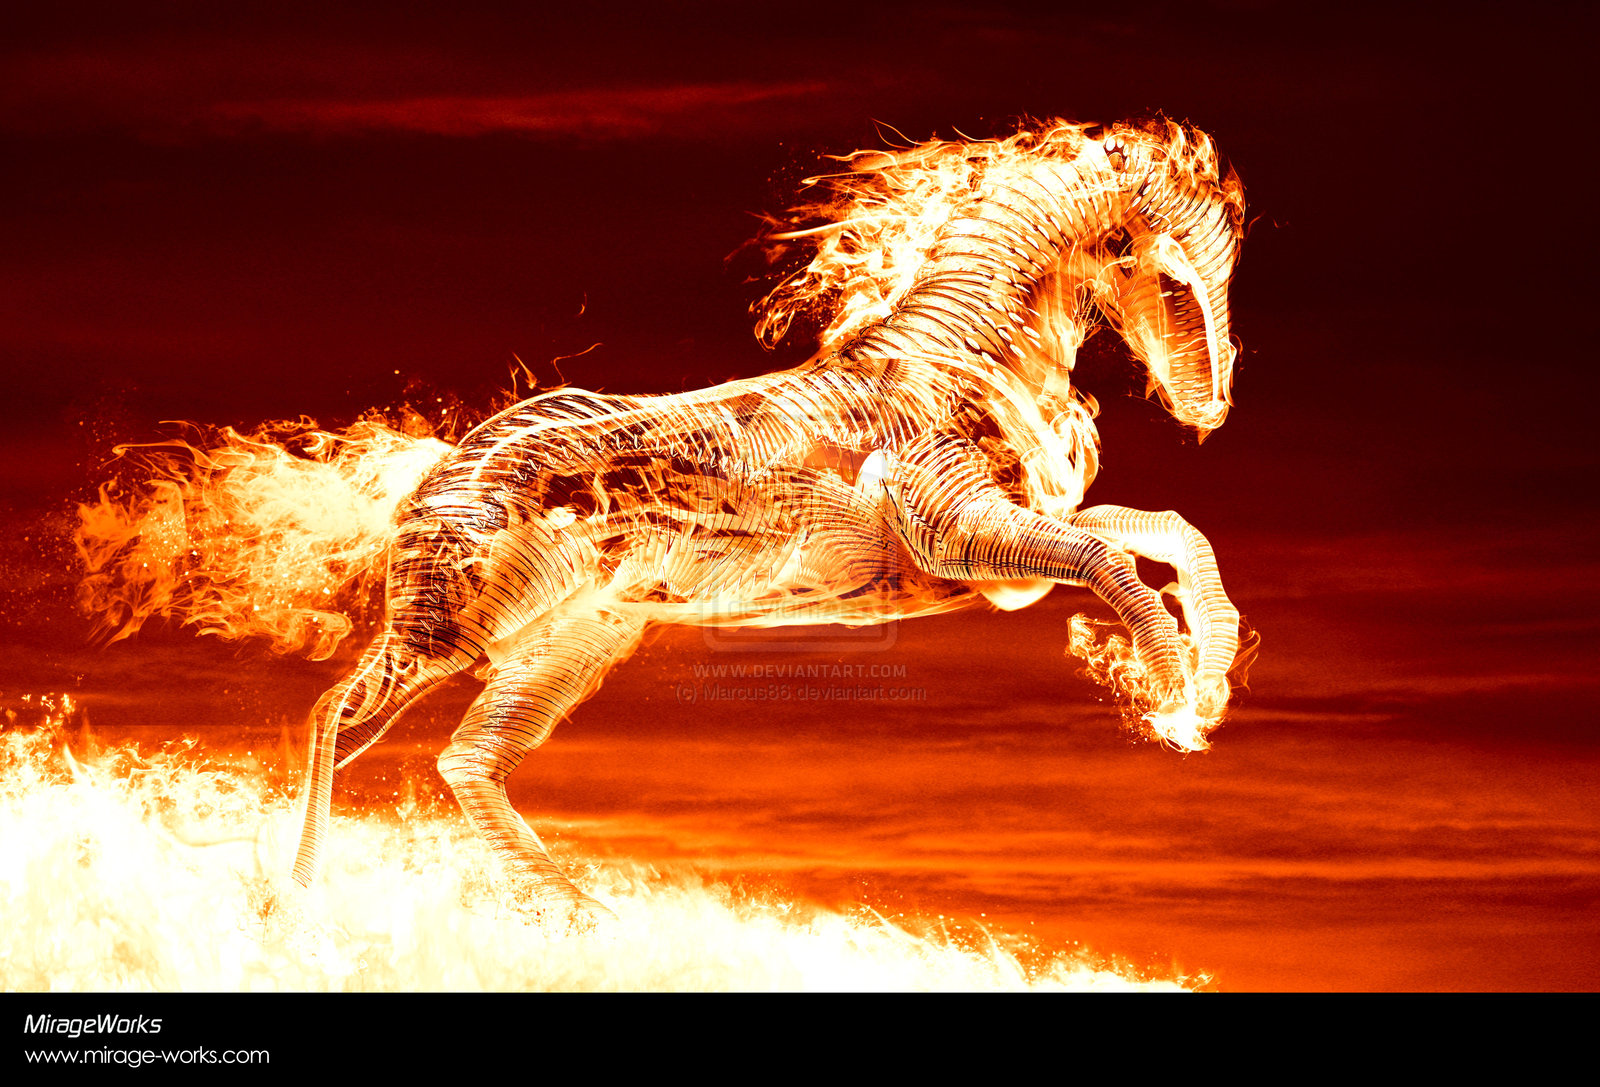 Free Desktop Wallpaper Fire: Peartreedesigns: Free Desktop Fire Horse Eddition